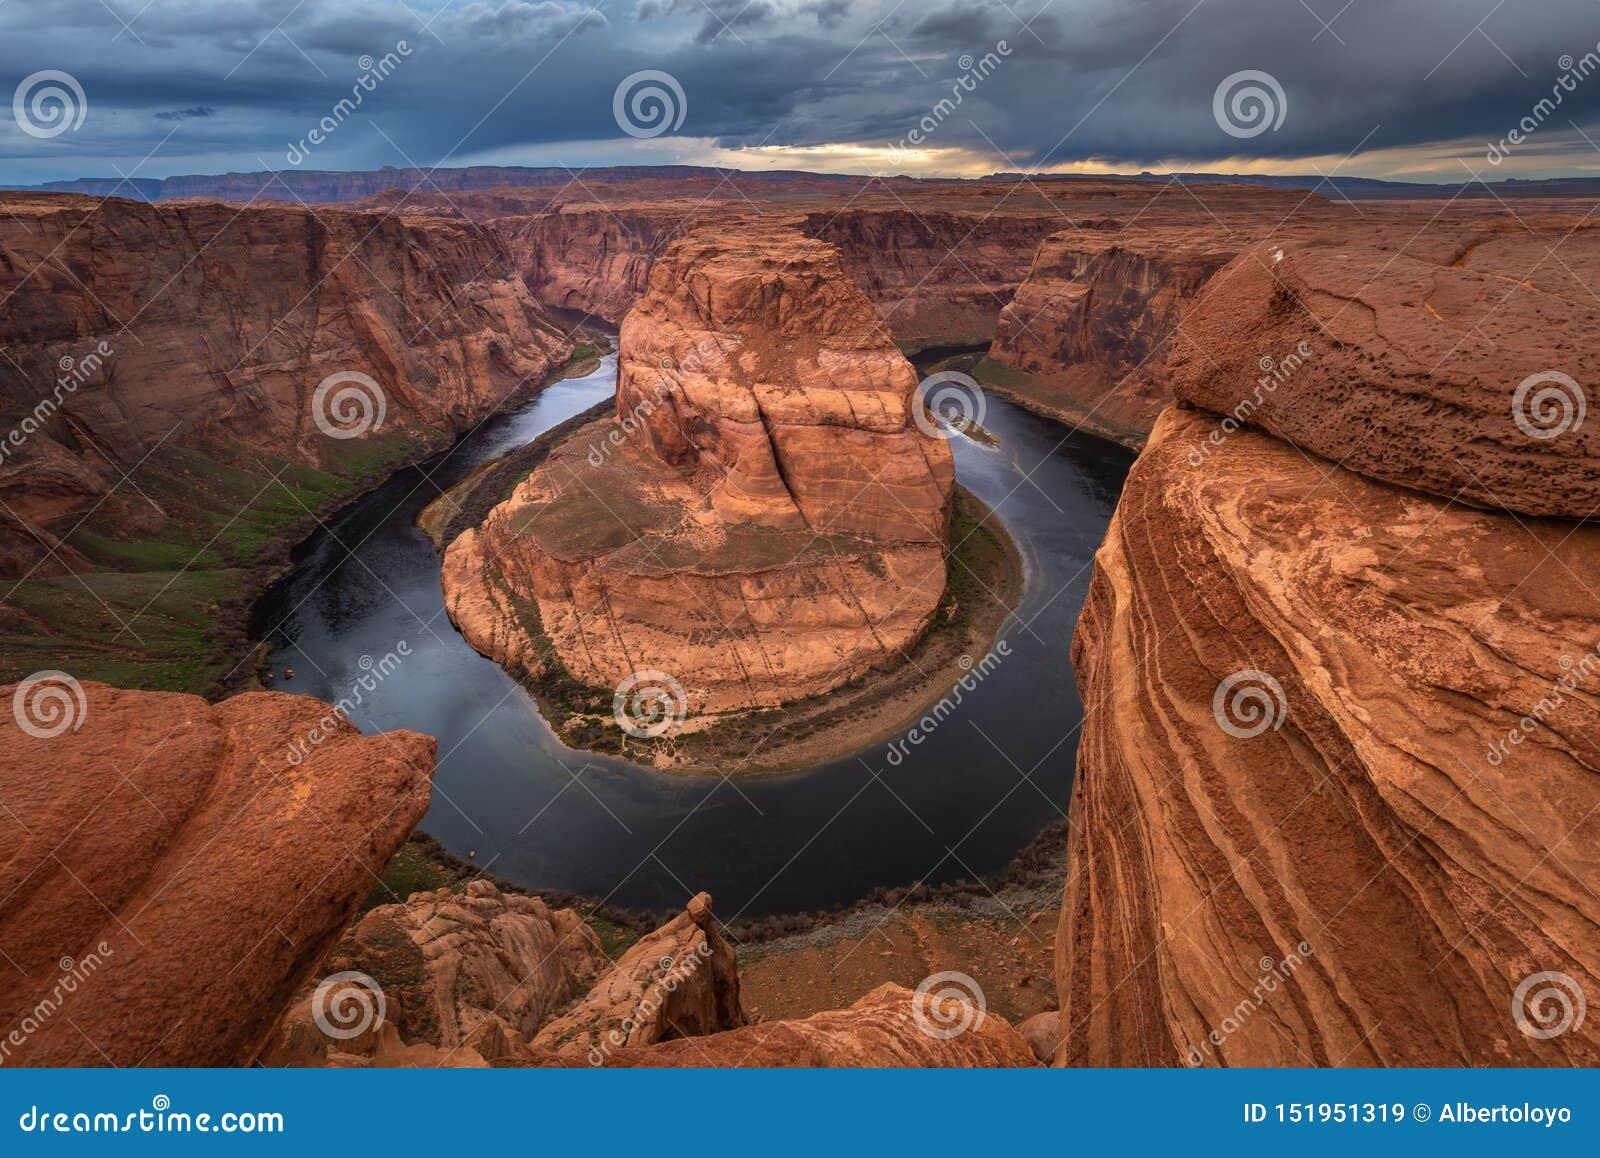 Curvatura em ferradura no por do sol, meandro do Rio Colorado na página, o Arizona